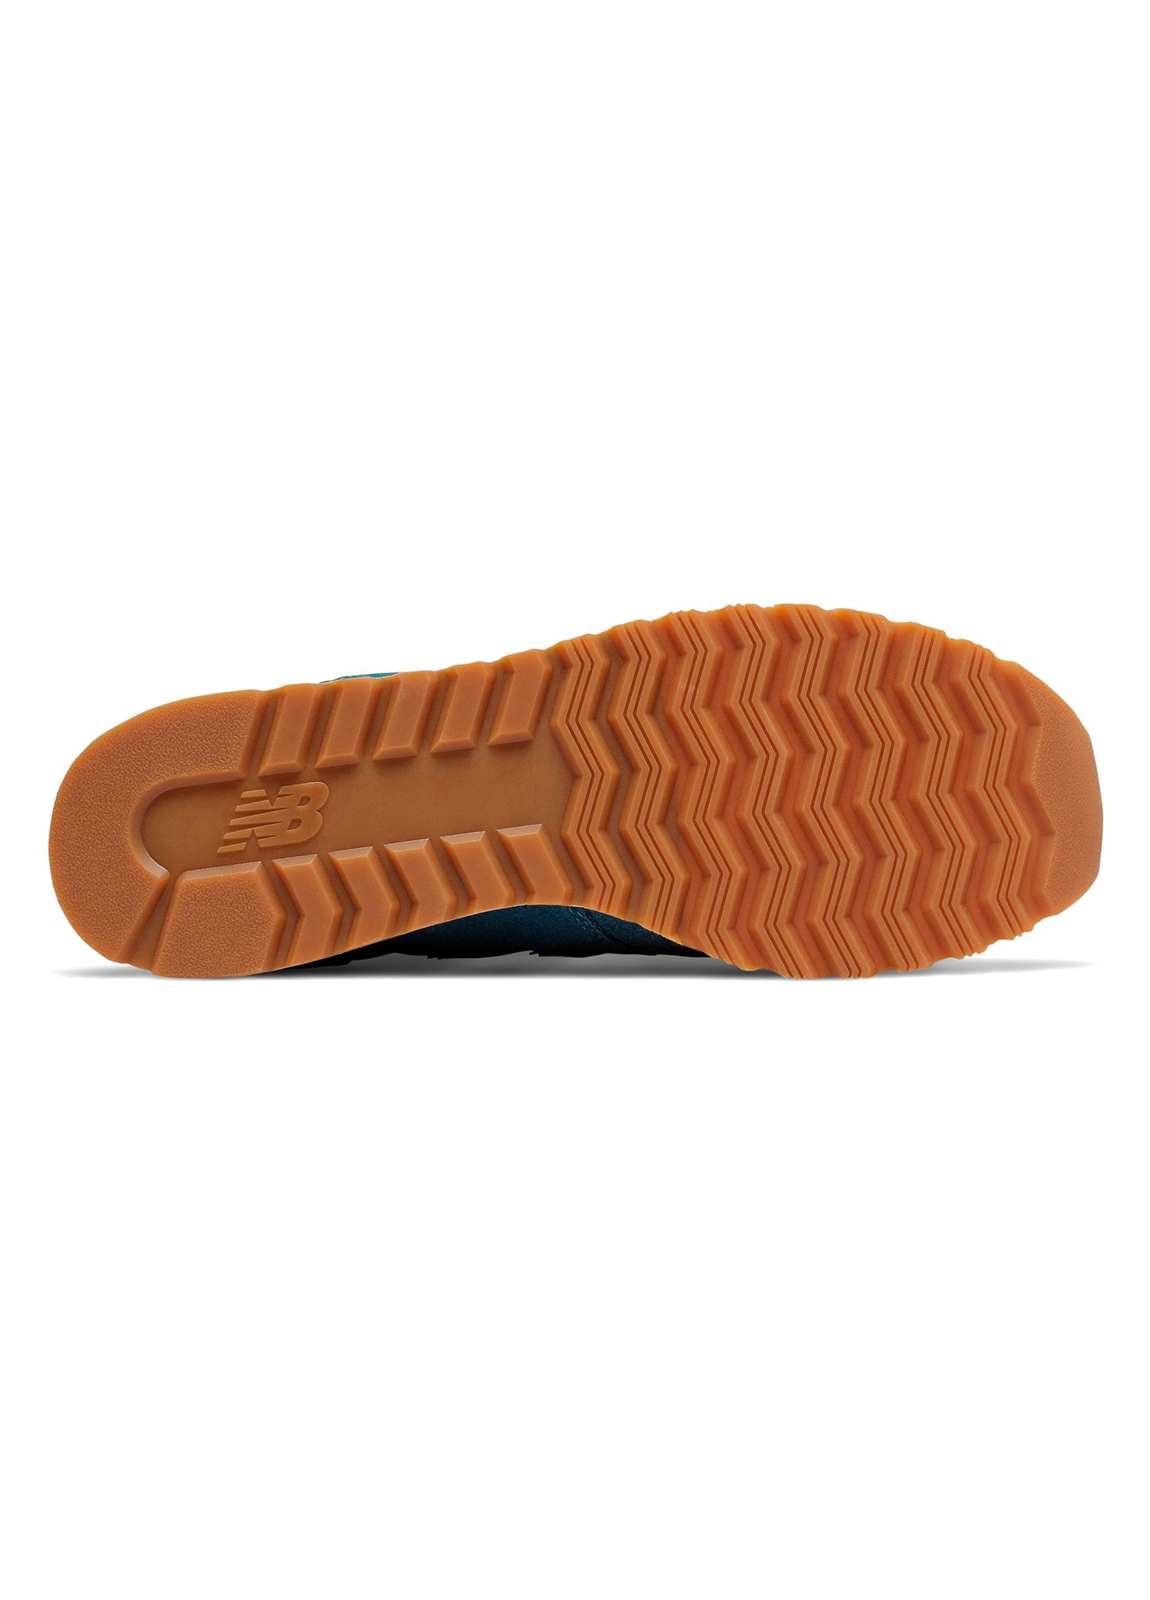 Sneaker hombre U520 color azul turquesa con detalles en blanco serraje, piel y malla. - Ítem3